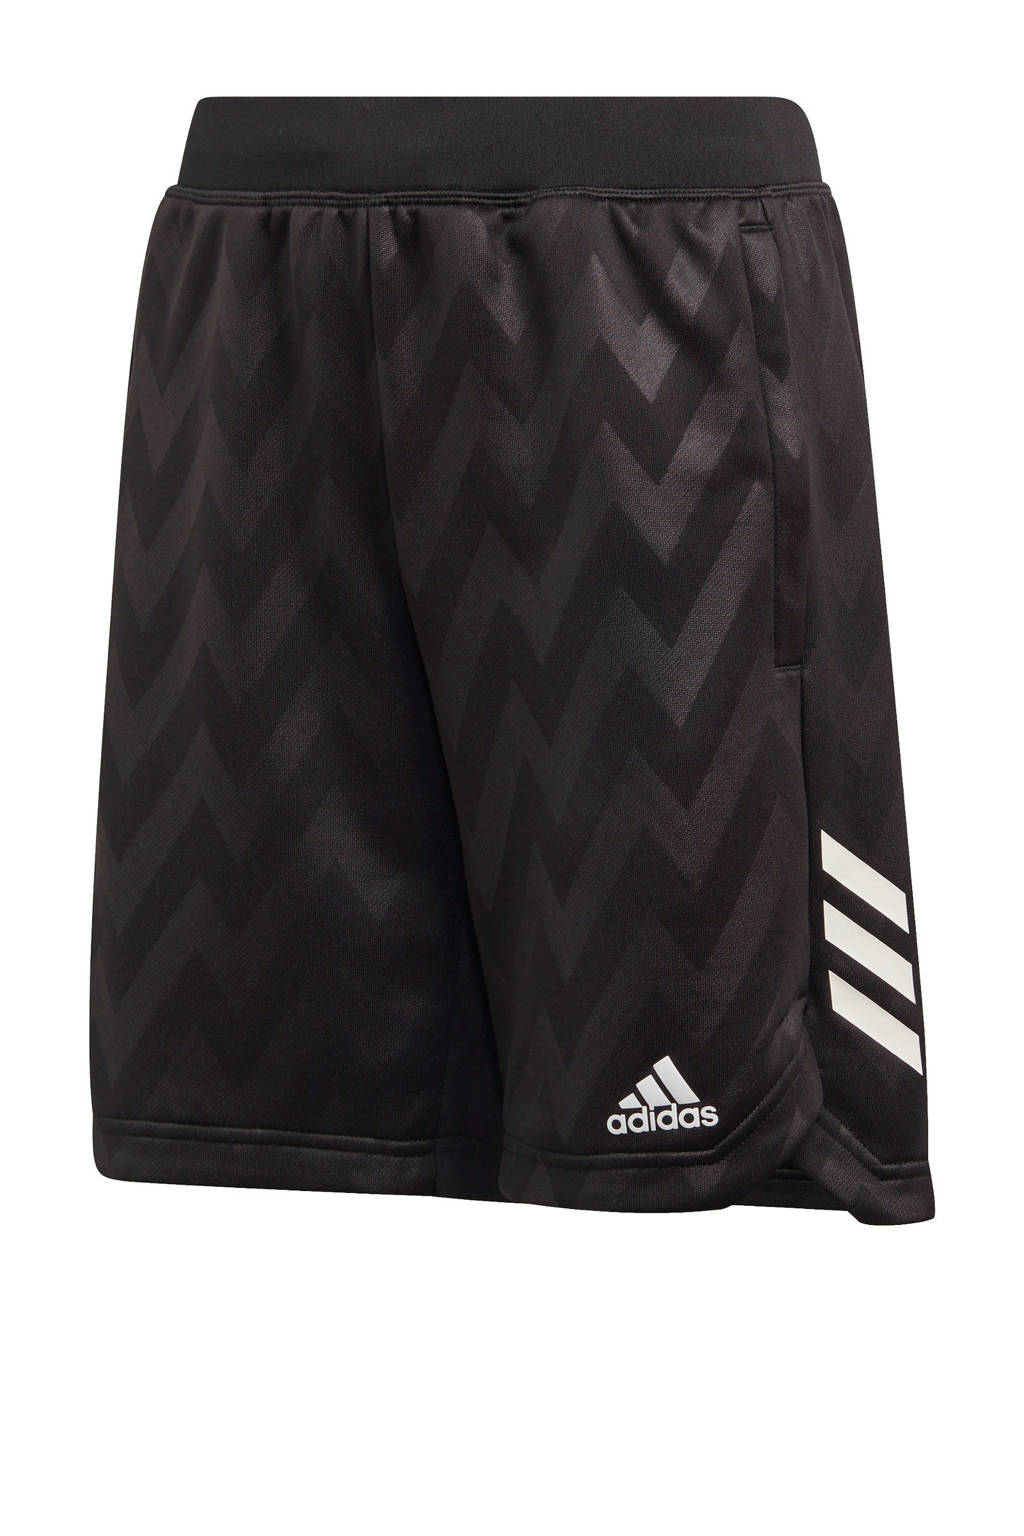 adidas Performance   sportshort zwart, Zwart